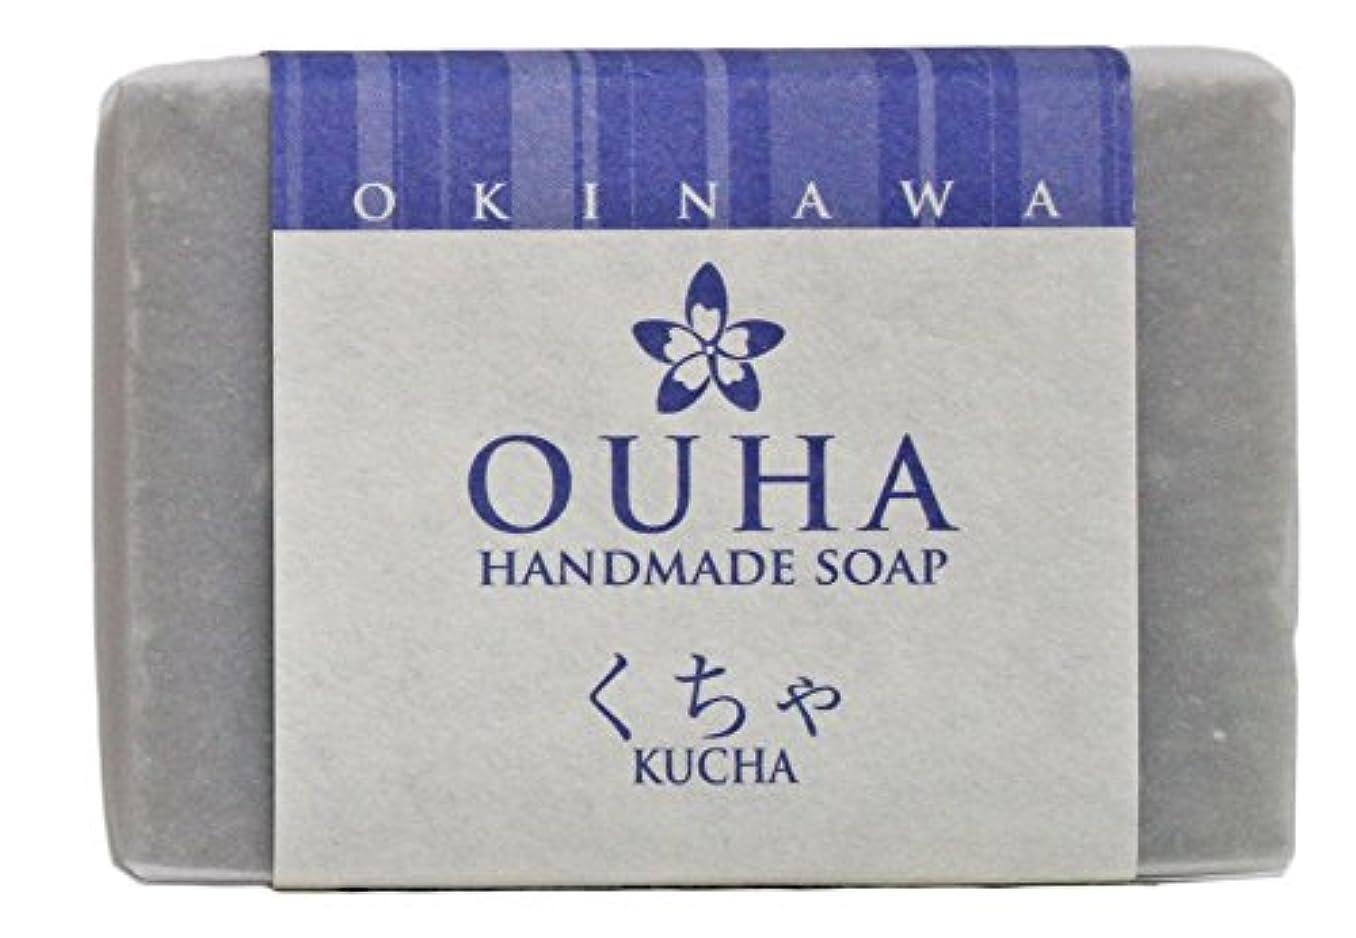 トレイ顕著間違えた沖縄手作り洗顔せっけん OUHAソープ くちゃ 47g